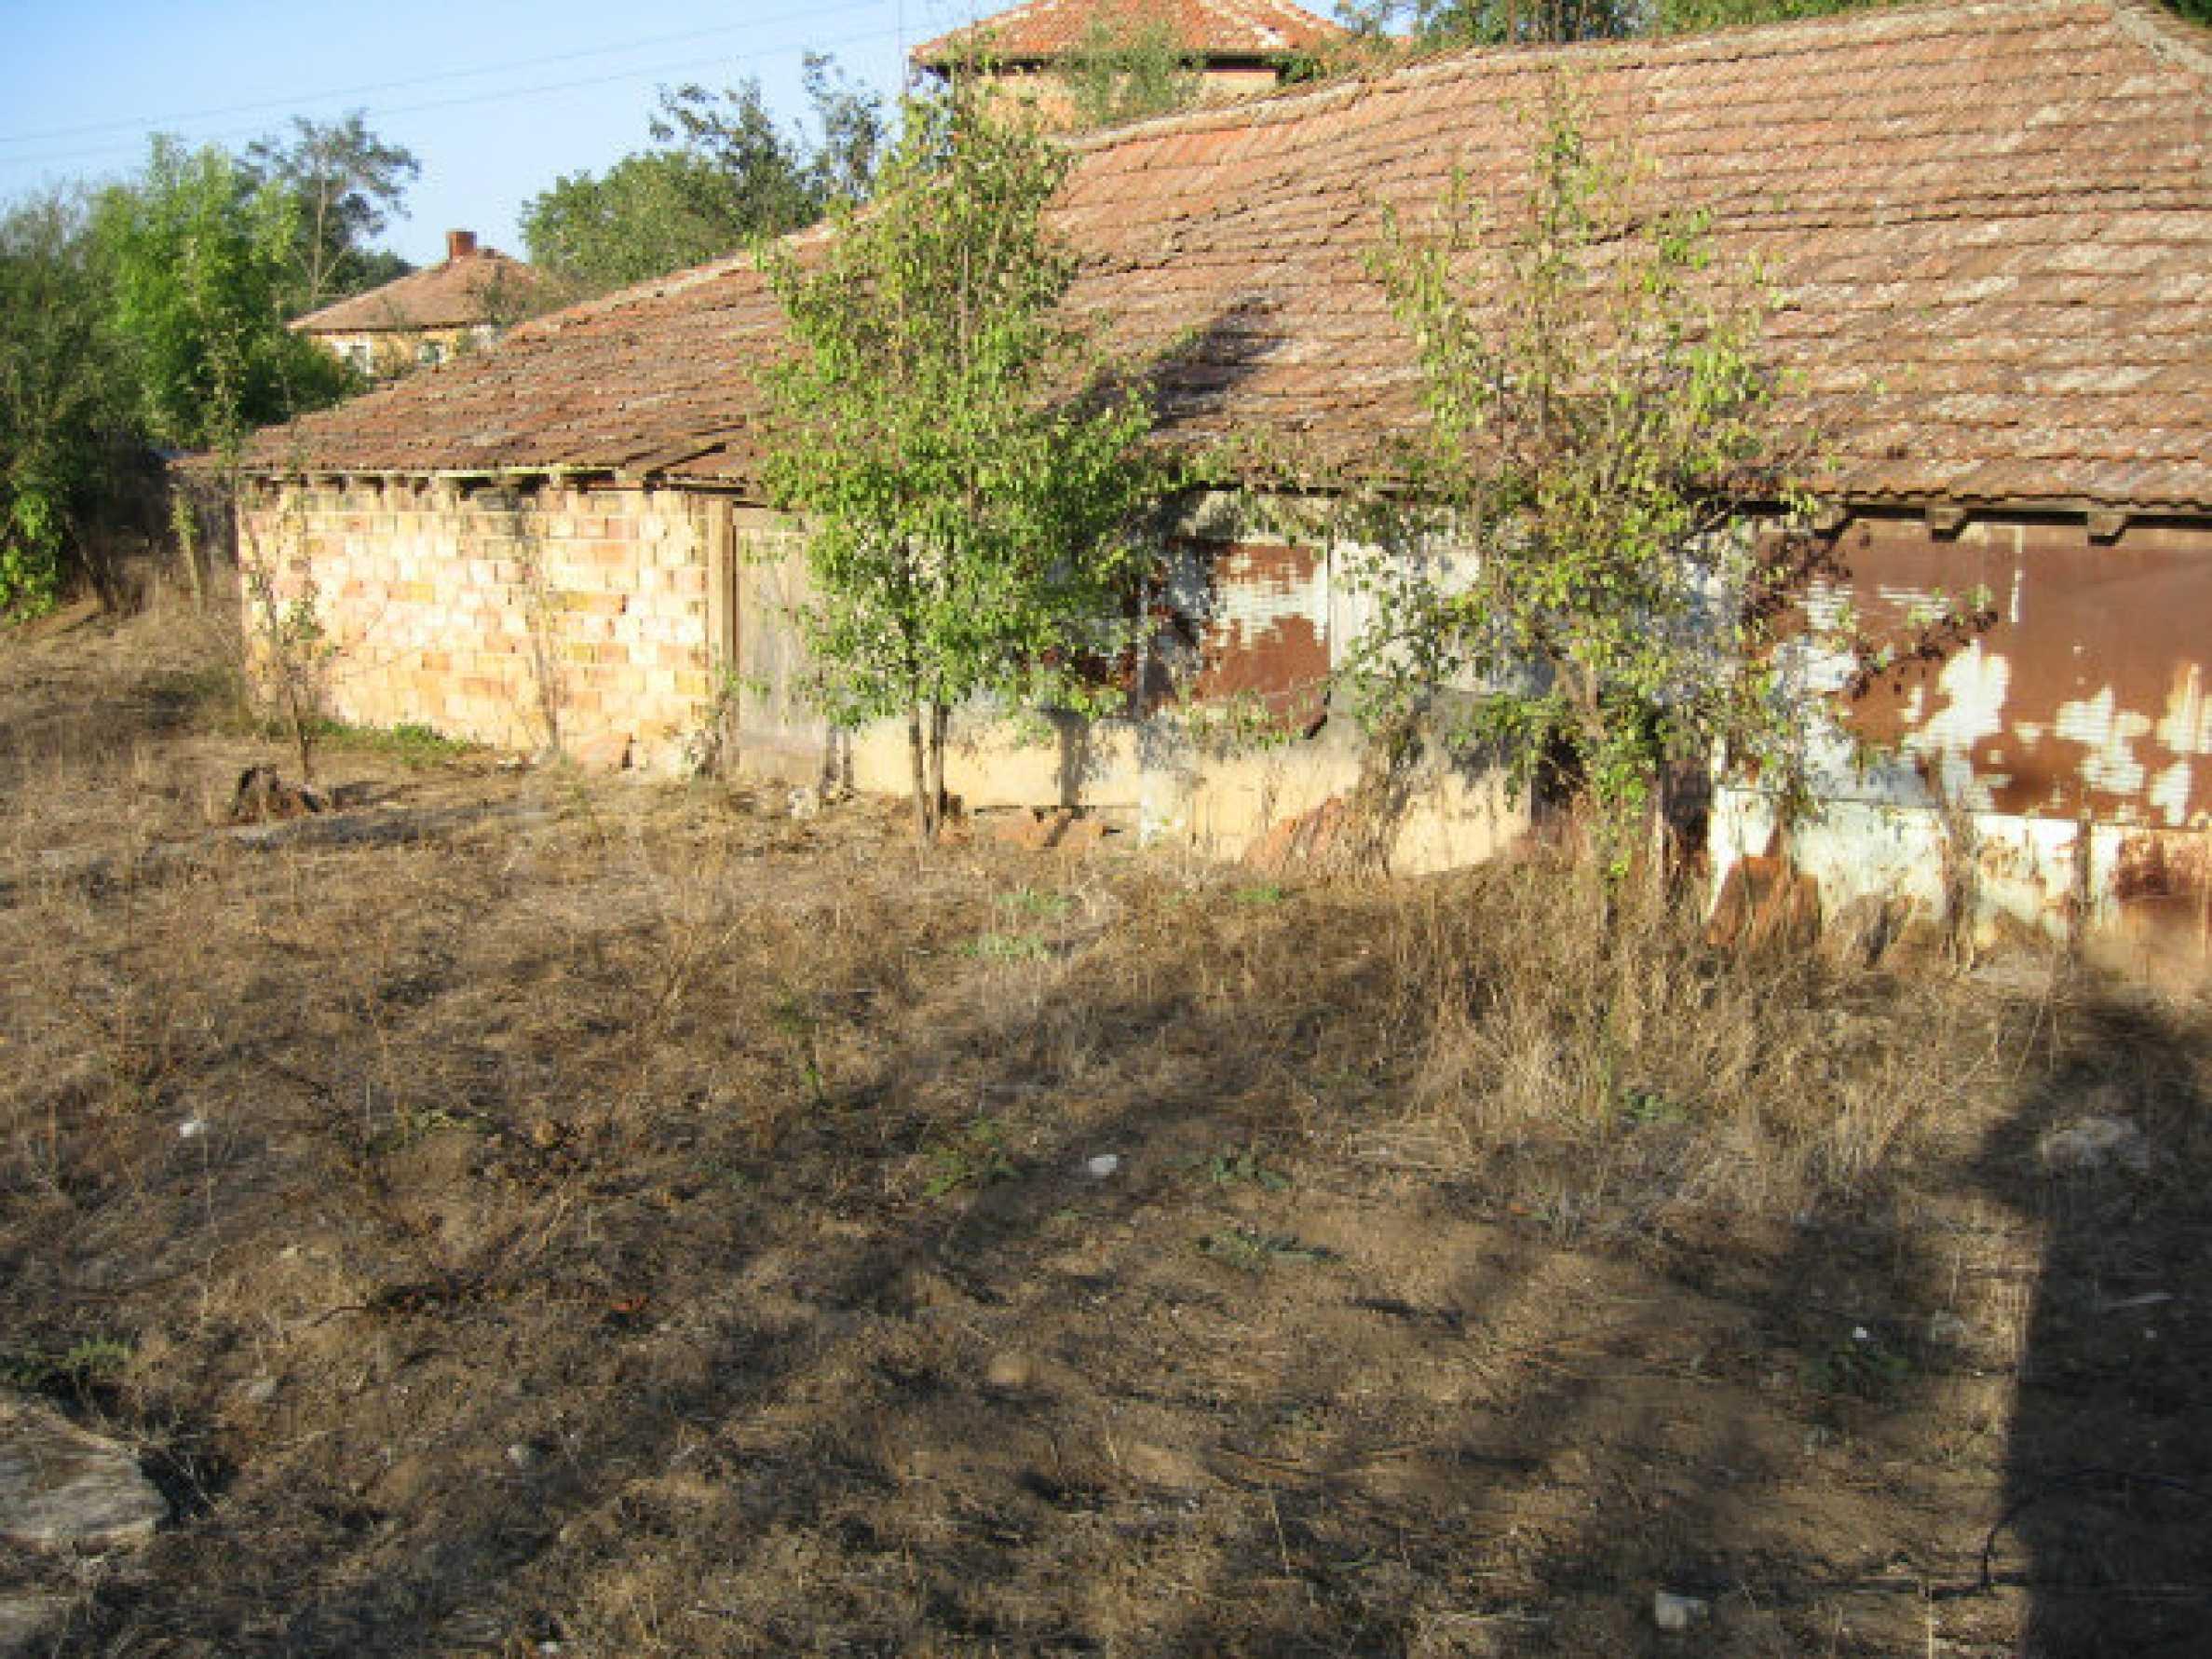 Sonniges zweistöckiges Haus in einem kleinen Dorf in der Nähe der Flüsse Tundzha und Elhovo 25